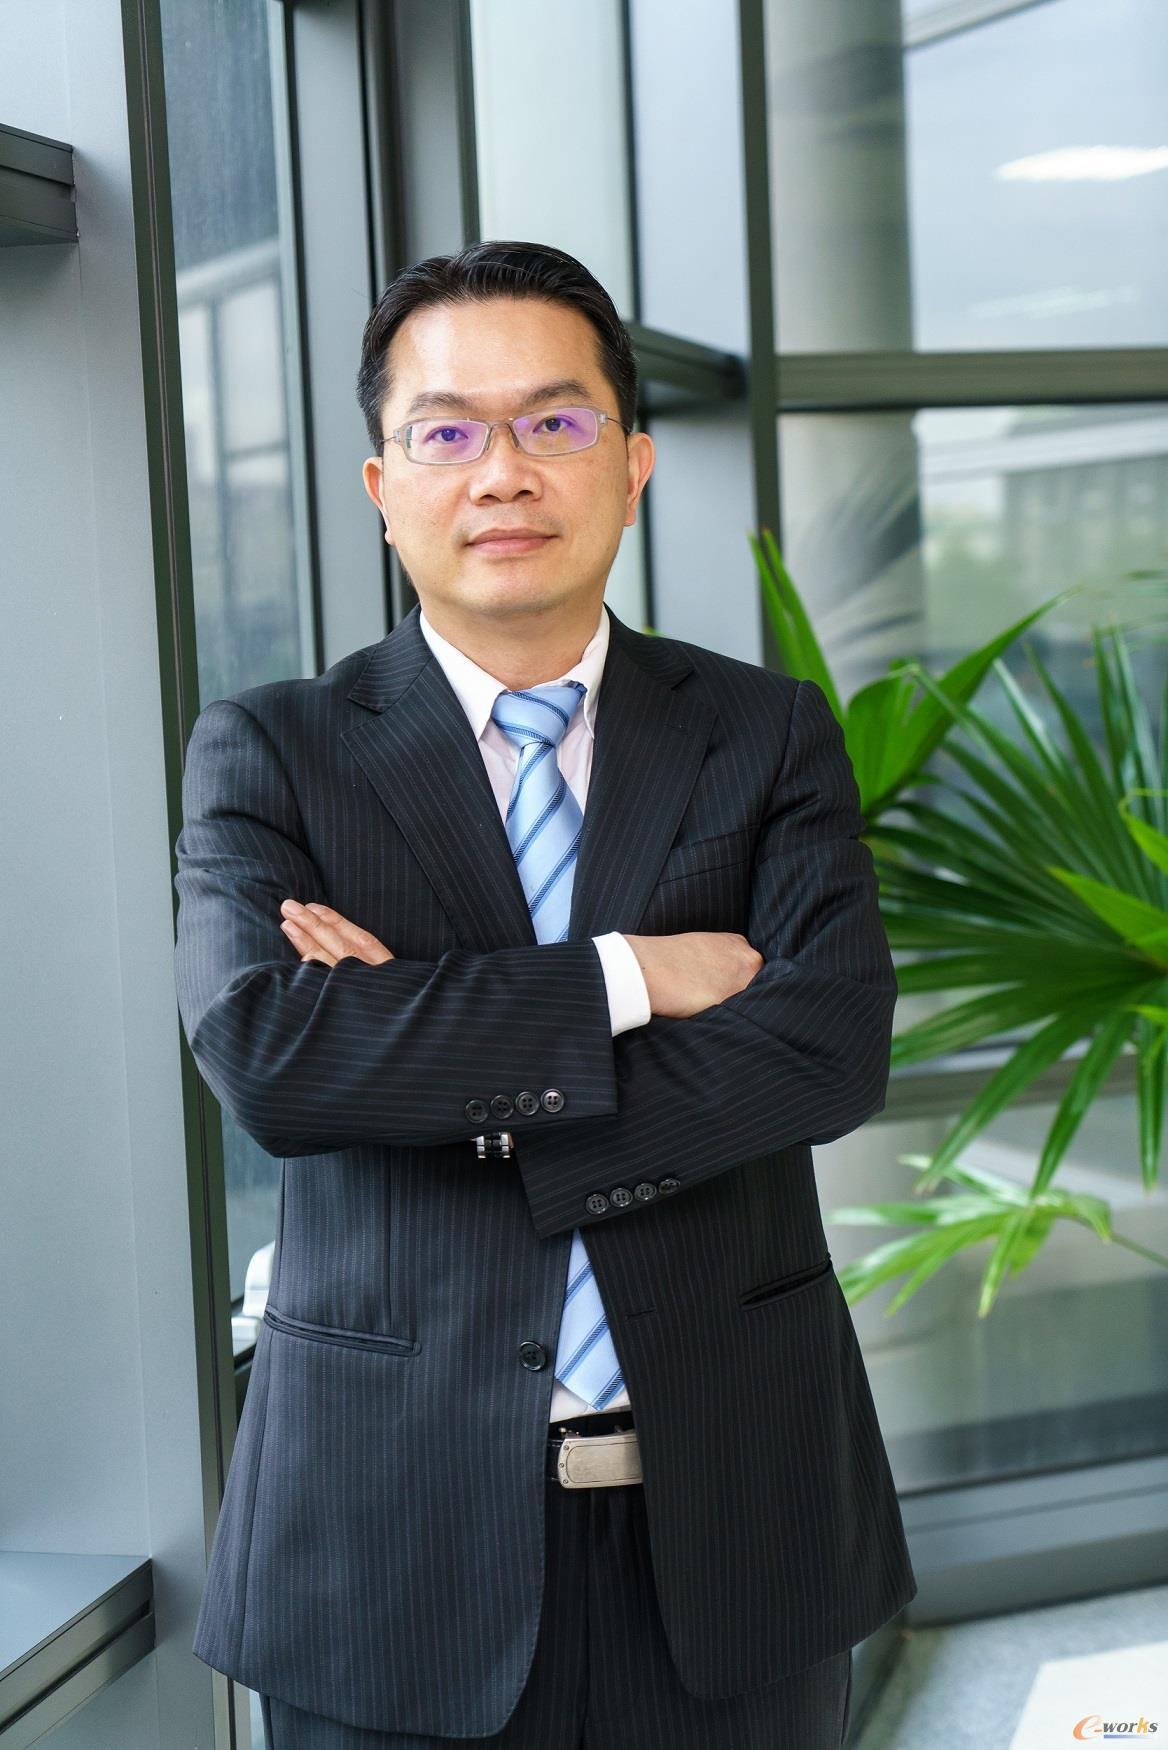 台达集团机电事业群总经理刘佳容先生